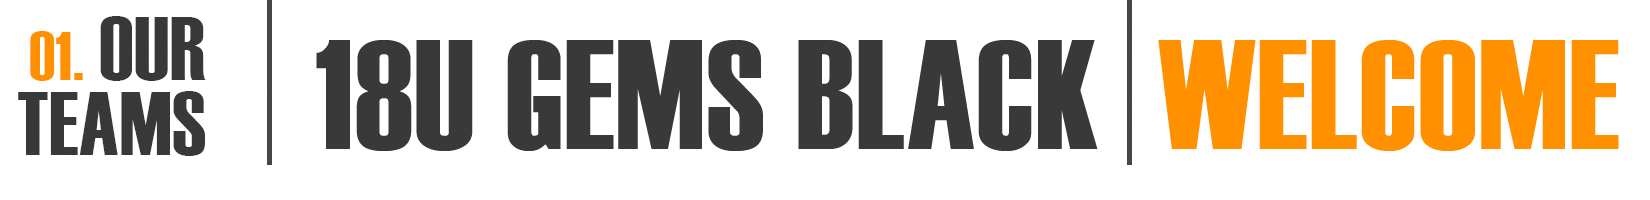 18U Gems Black Welcome